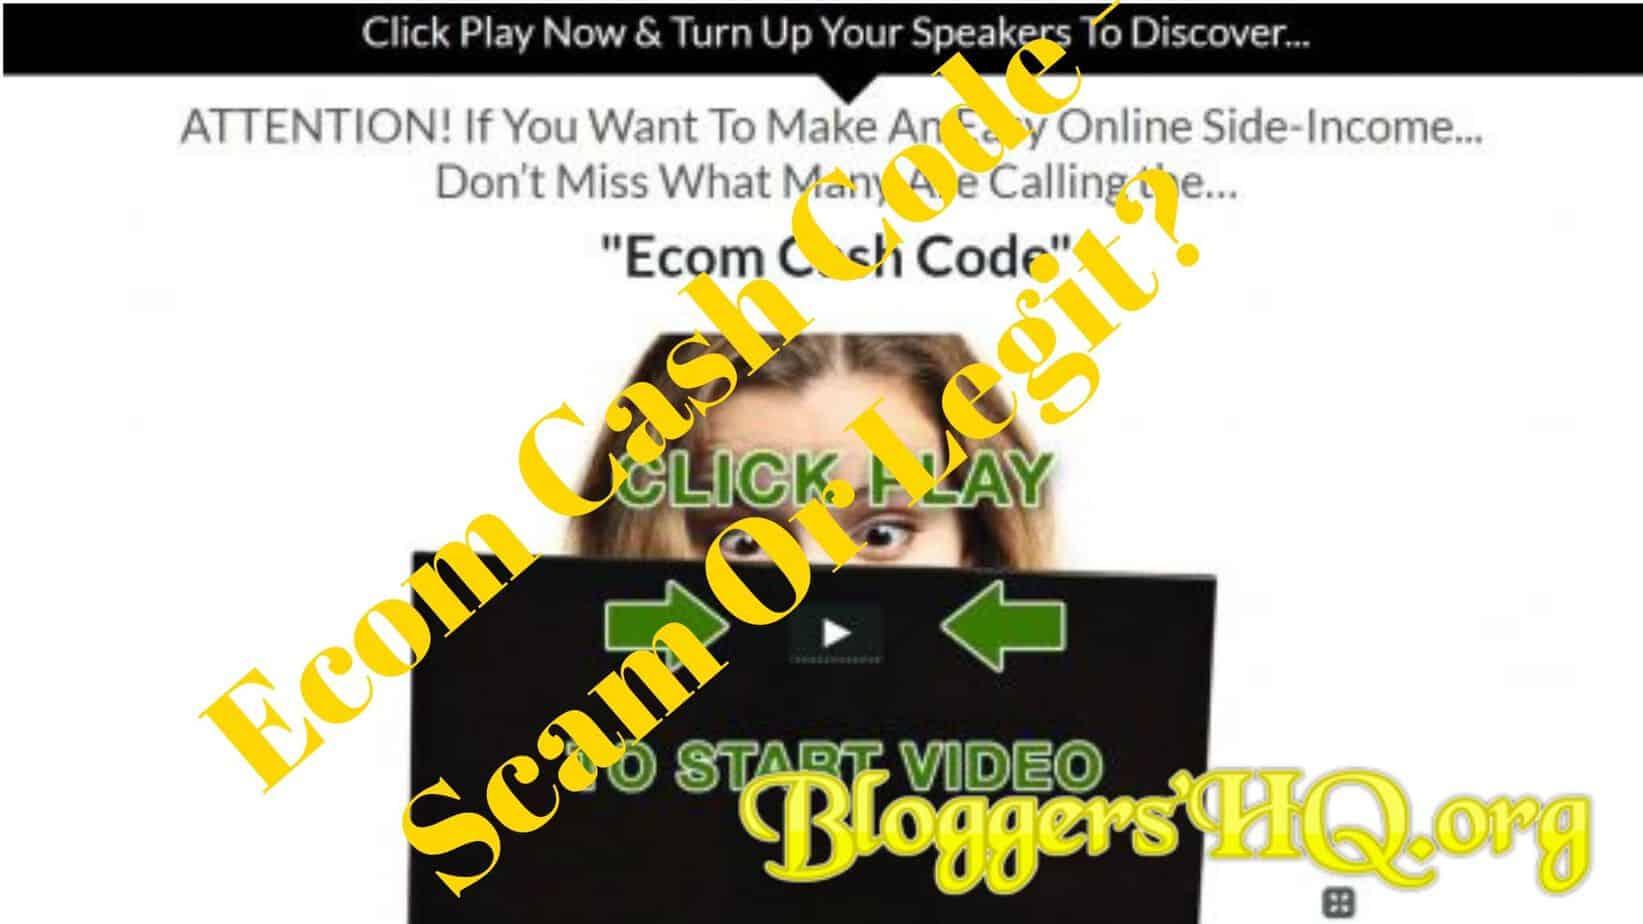 Ecom Cash Code – Scam or Legit? [EXPOSED] | BloggersHQ Org